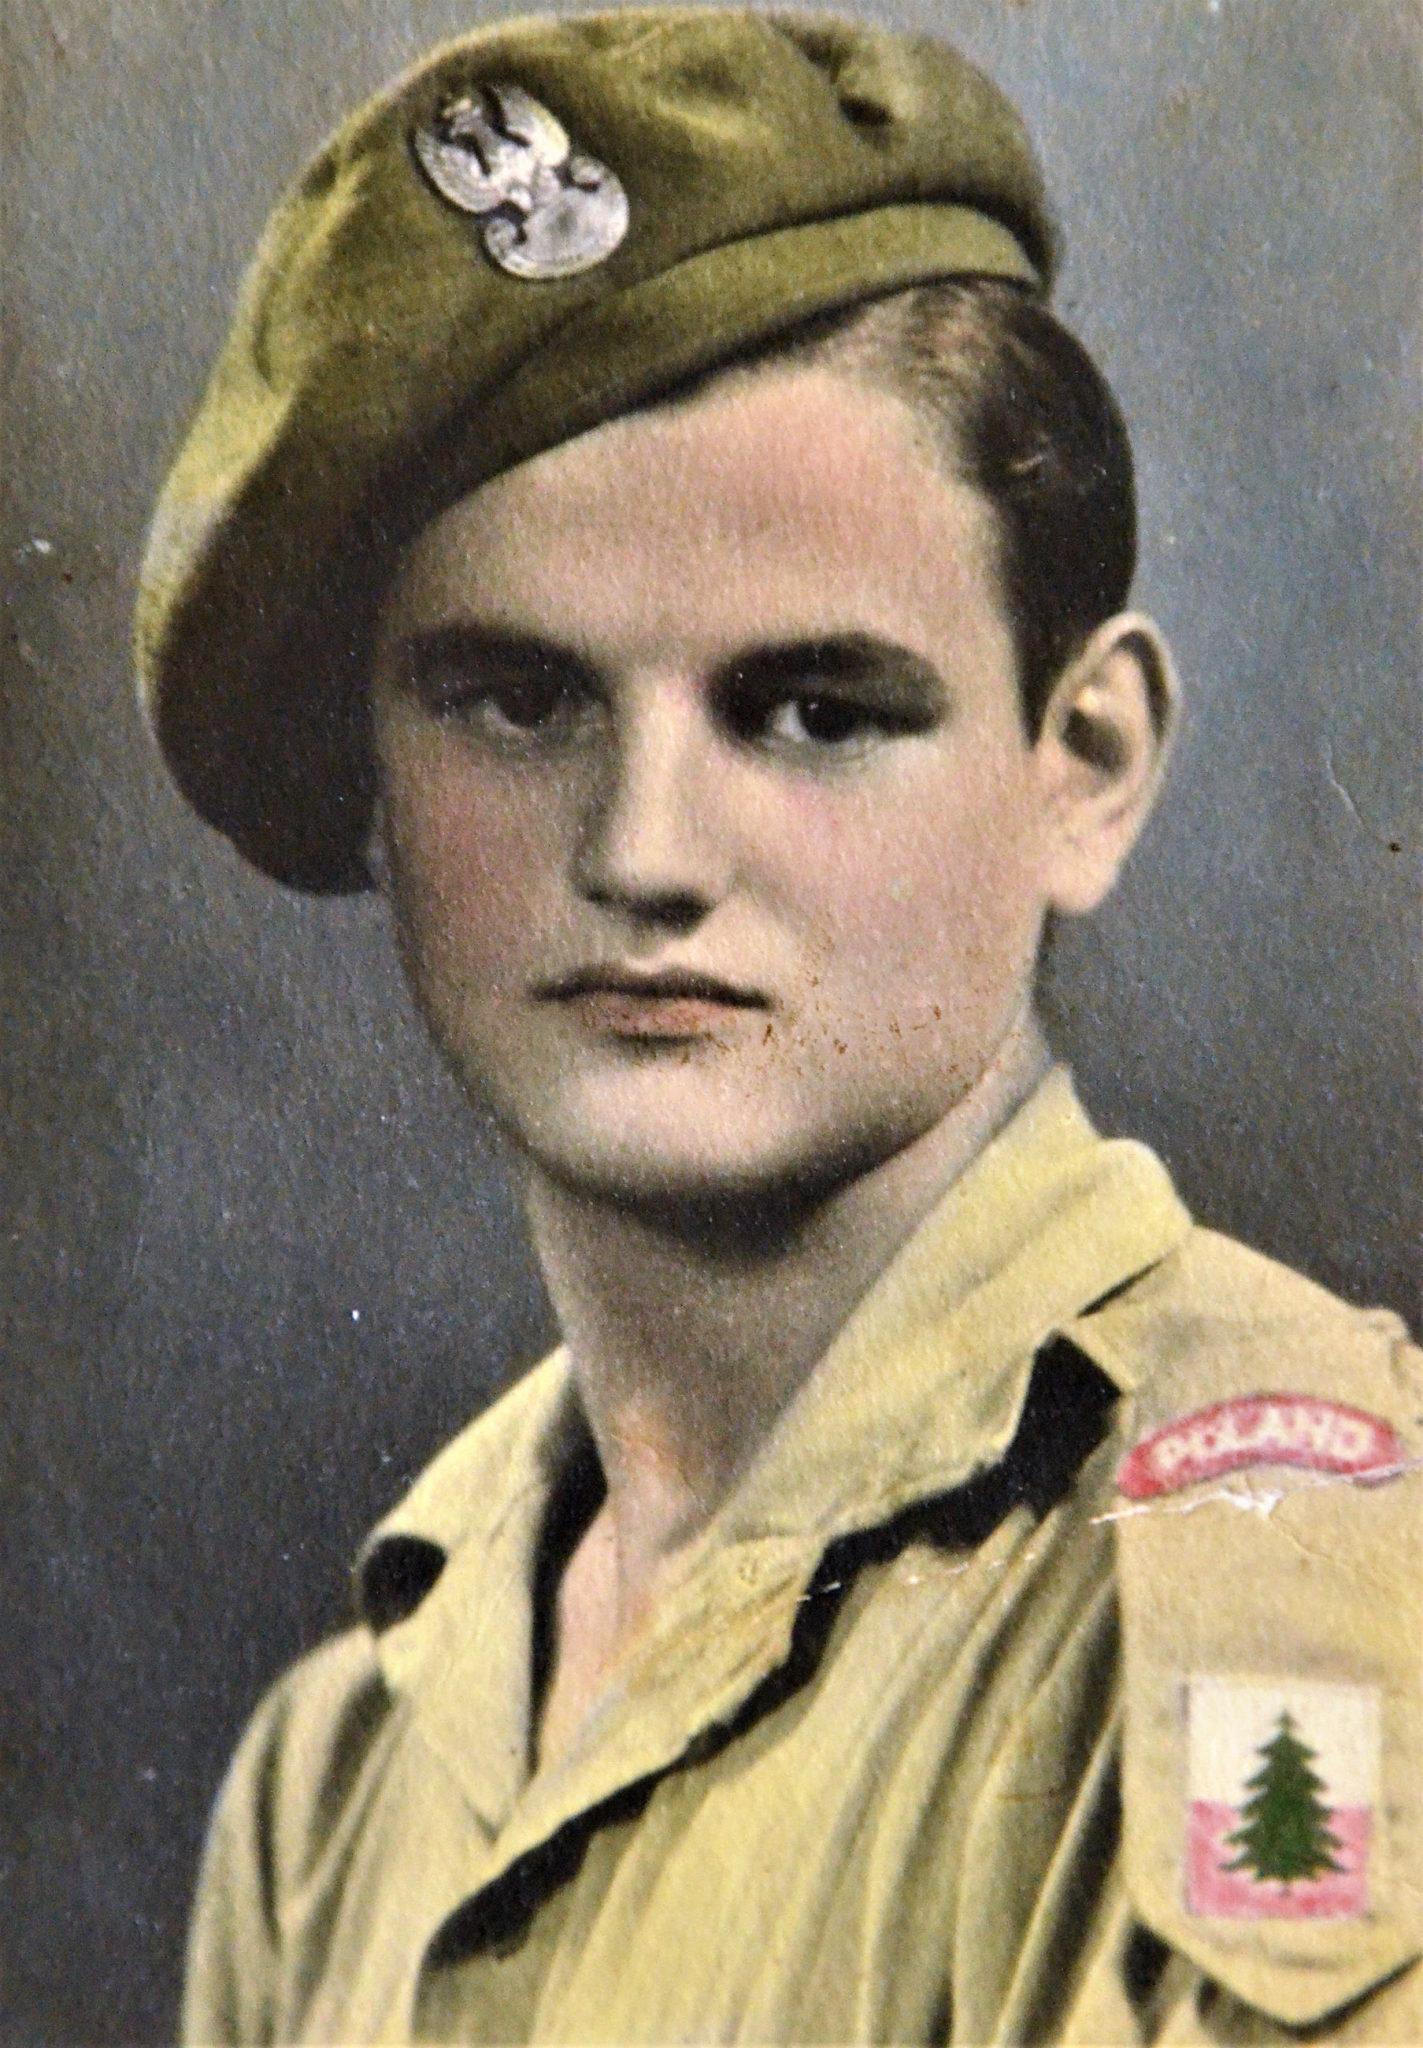 """Edward Dróbka, do roku 1946 żołnierz Andersa. Zdjęcie zrobiono w 1945 we Włoszech. Na odwrocie wykaligrafował czarnym atramentem: """"Kochanej rodzinie przesyłam swą podobiznę"""". Od ponad 70 lat londyńczyk."""